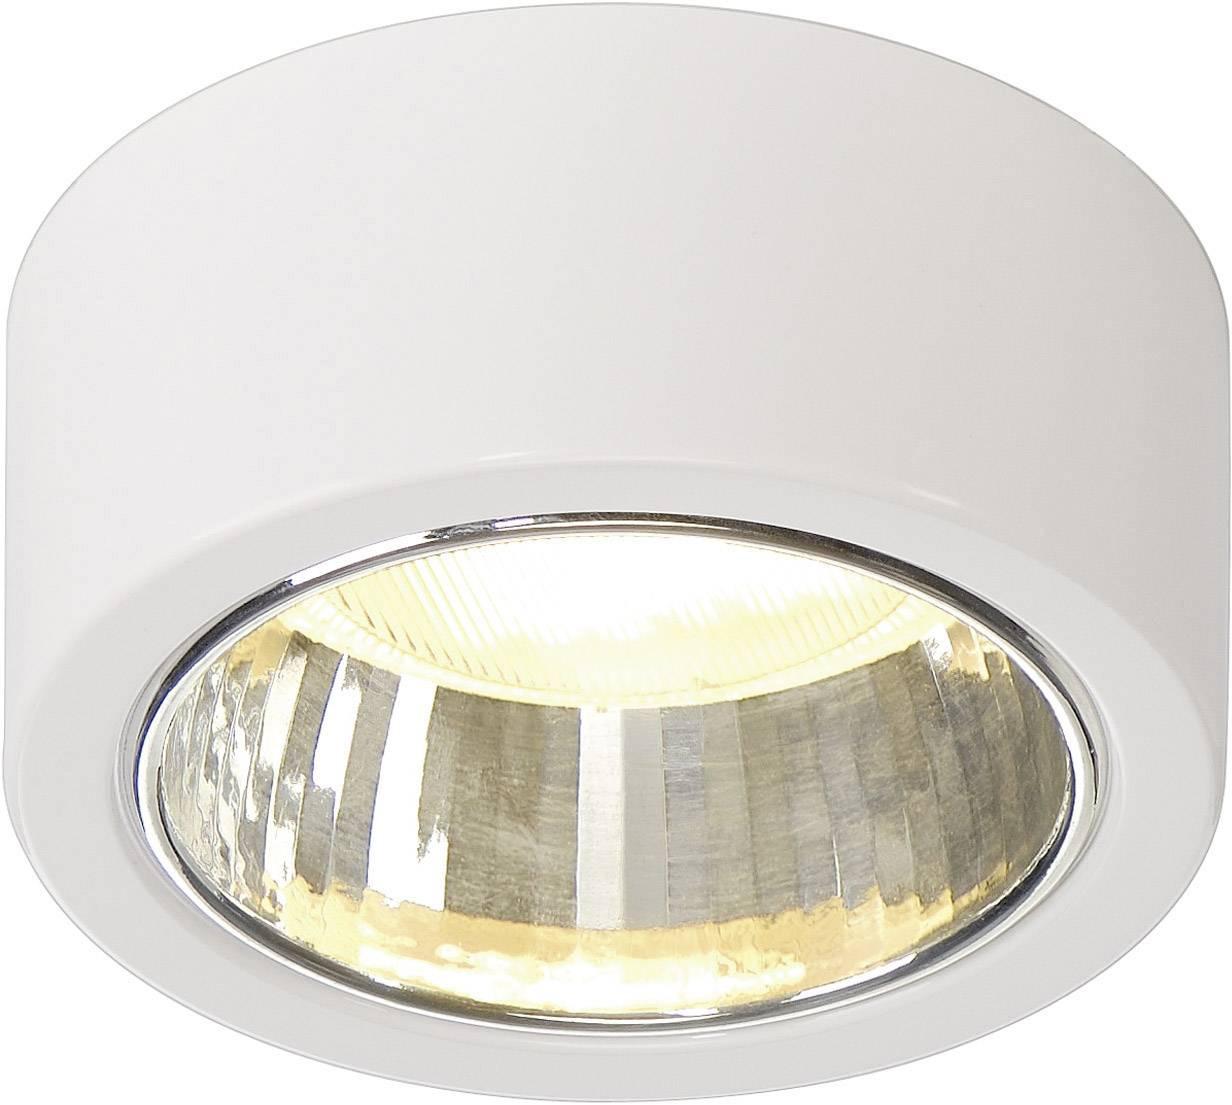 Stropné svetlo úsporná žiarovka SLV CL 101 112281, GX53, 11 W, biela